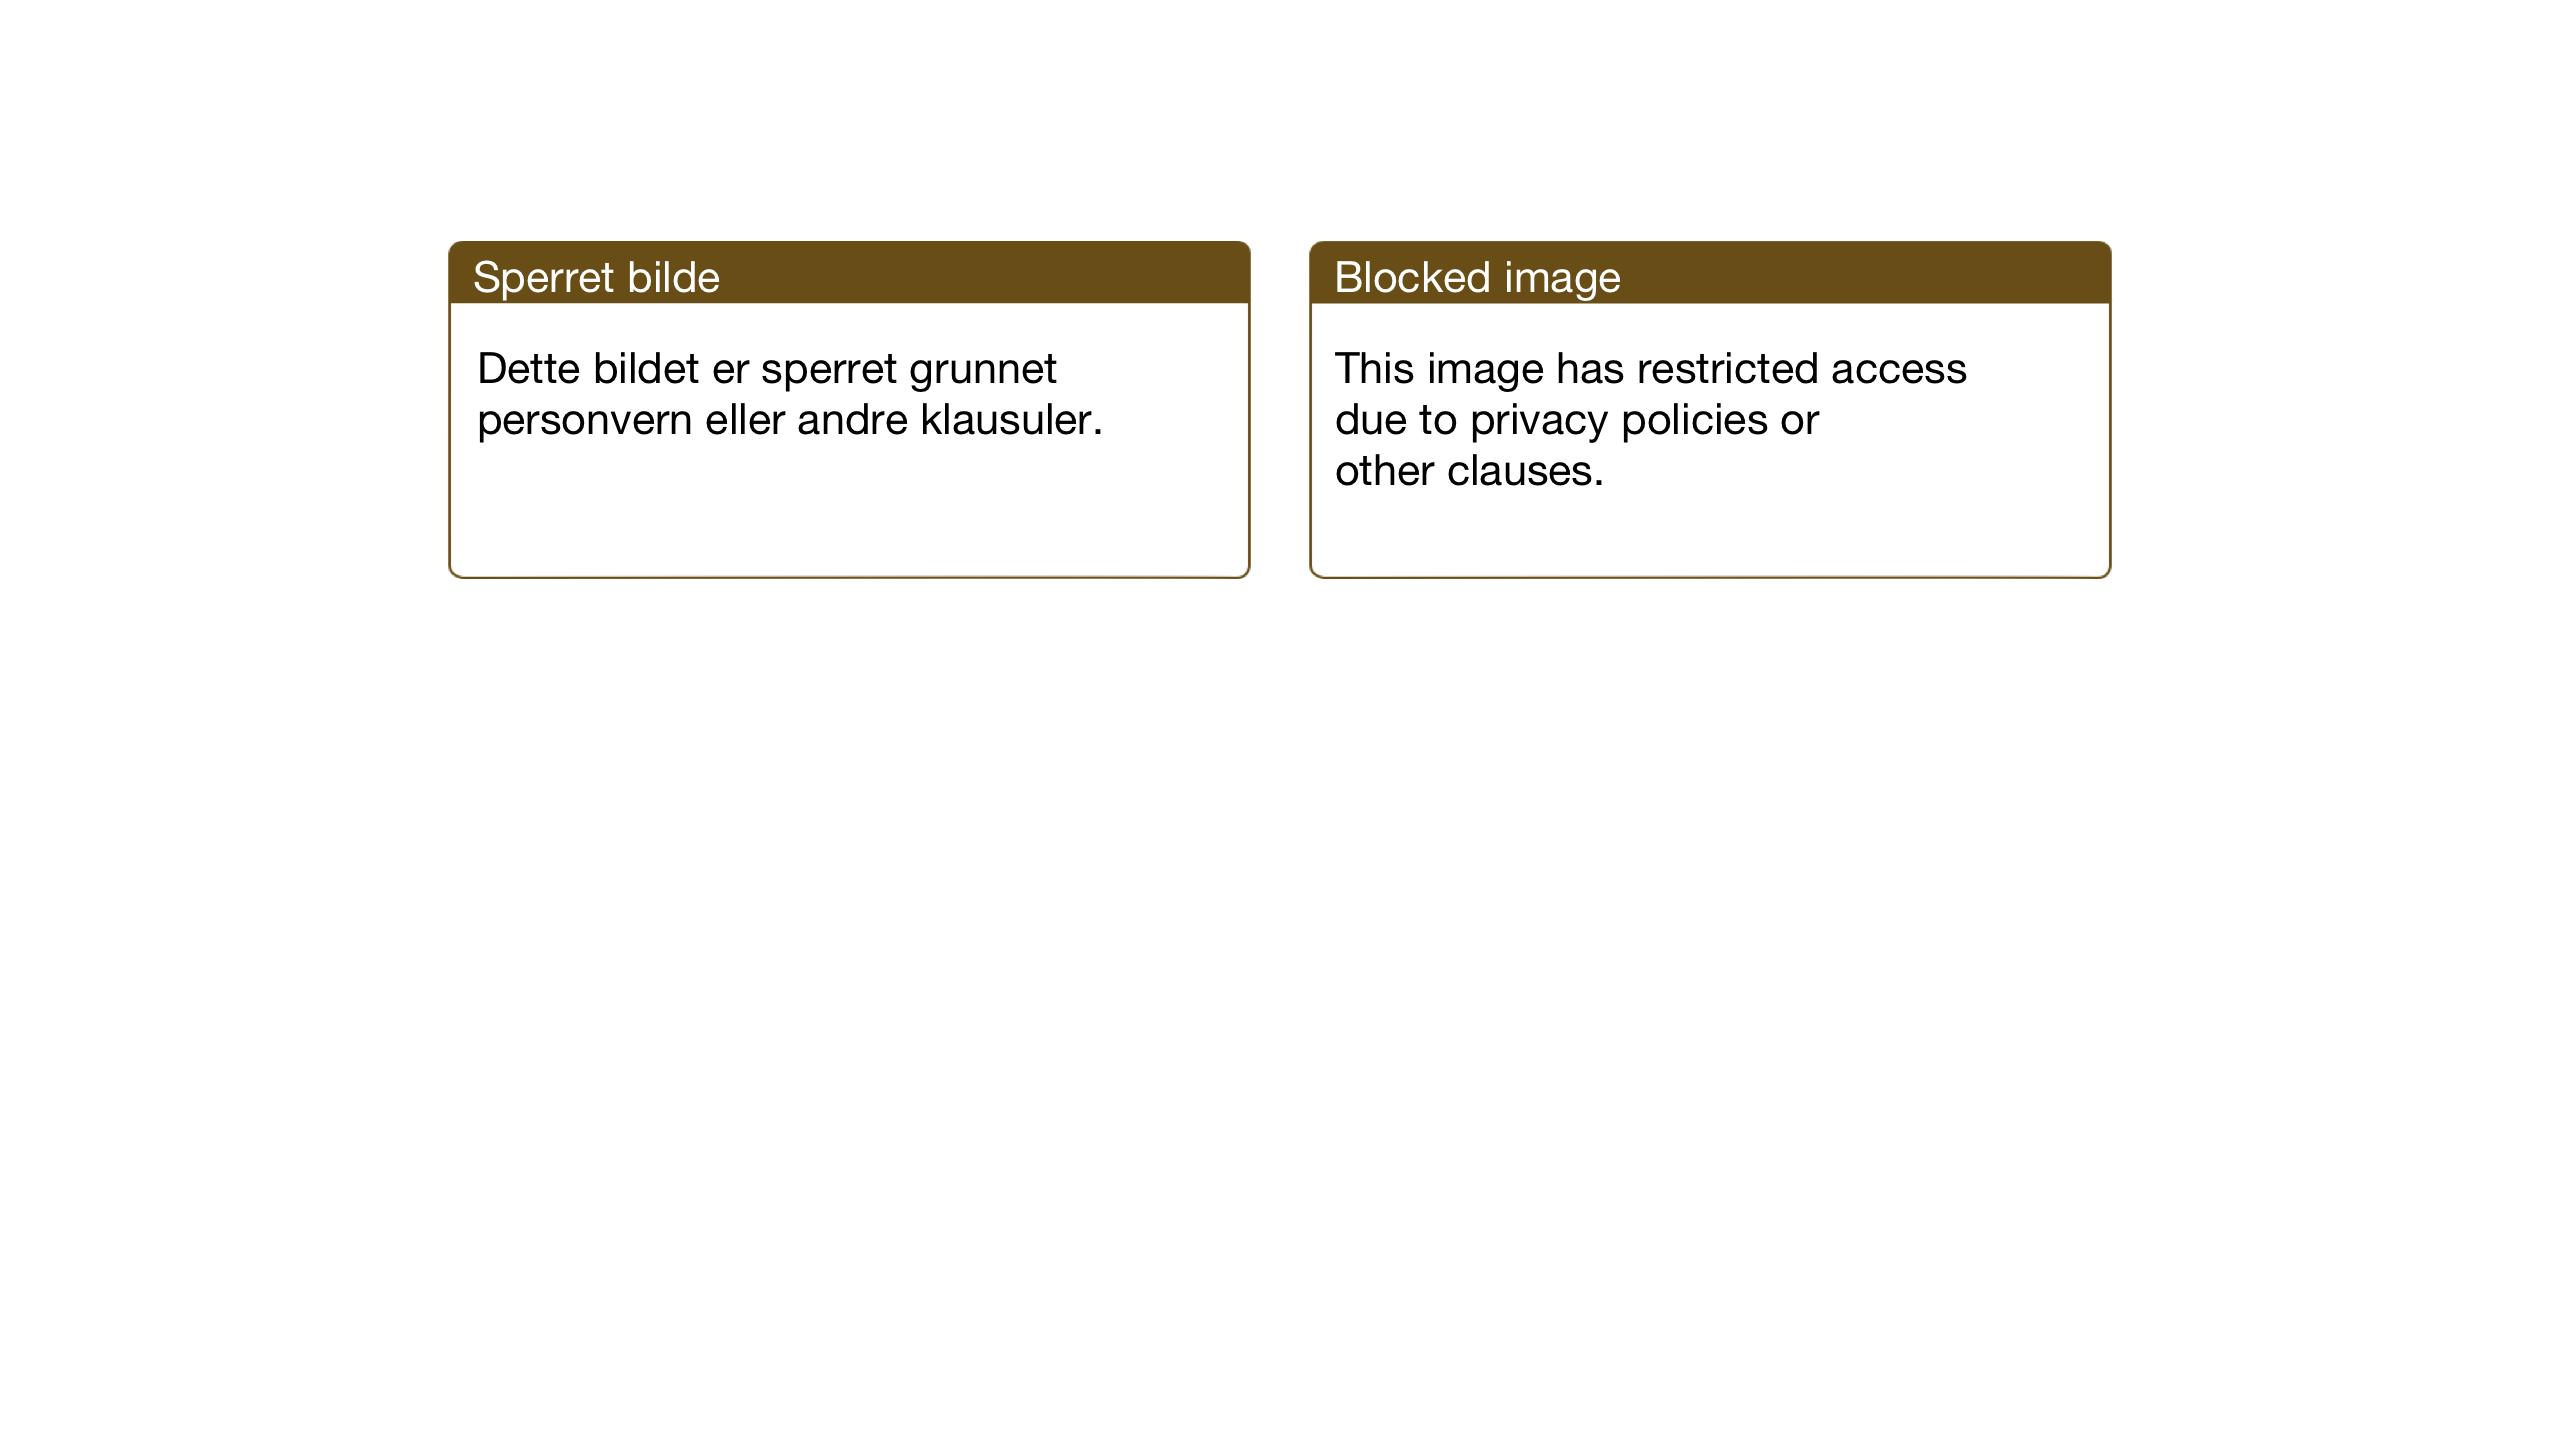 SAT, Ministerialprotokoller, klokkerbøker og fødselsregistre - Sør-Trøndelag, 607/L0327: Klokkerbok nr. 607C01, 1930-1939, s. 73